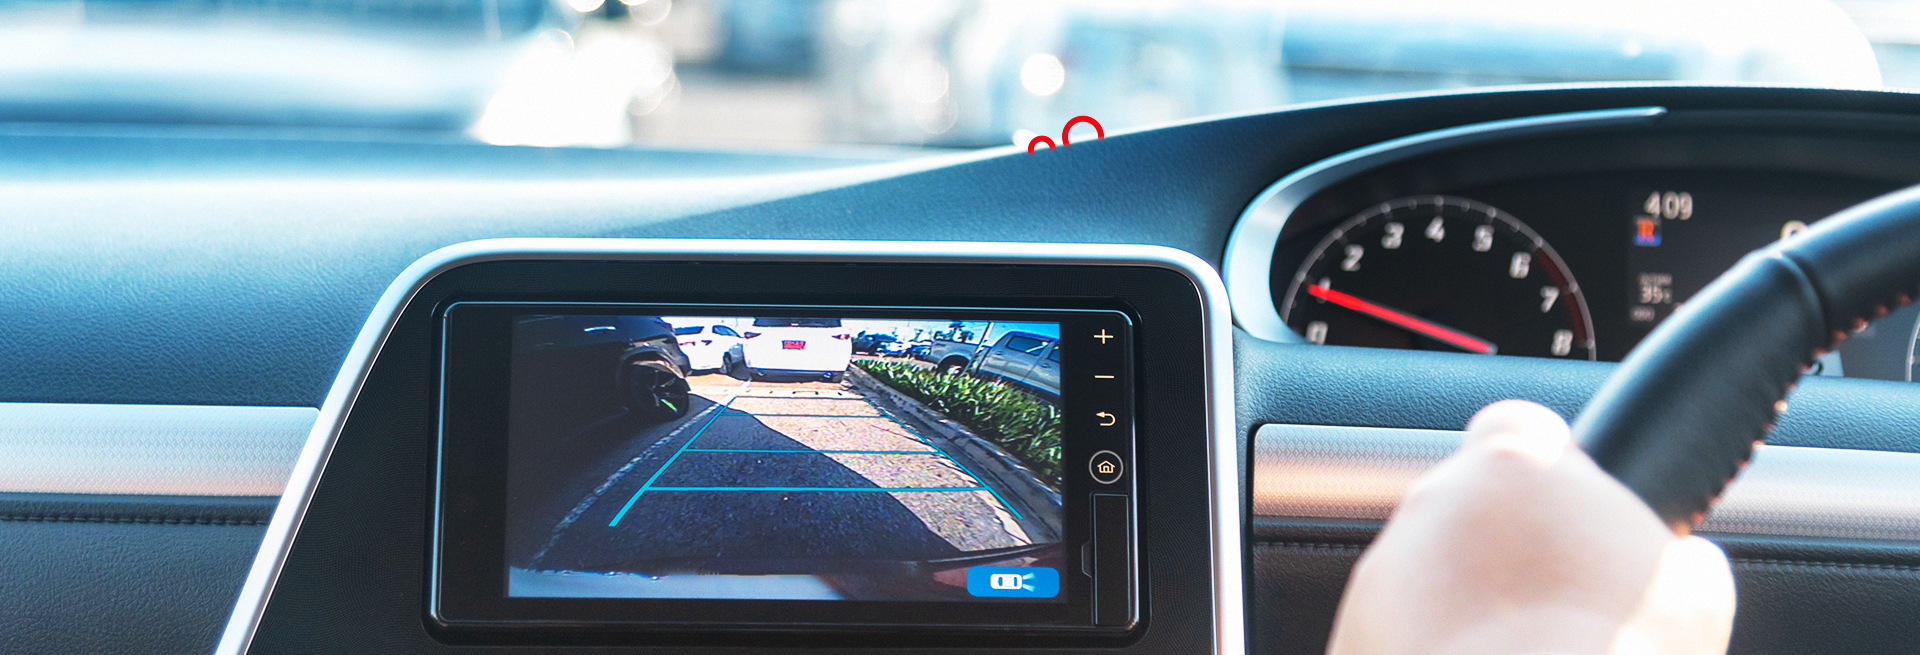 Câmeras automotivas